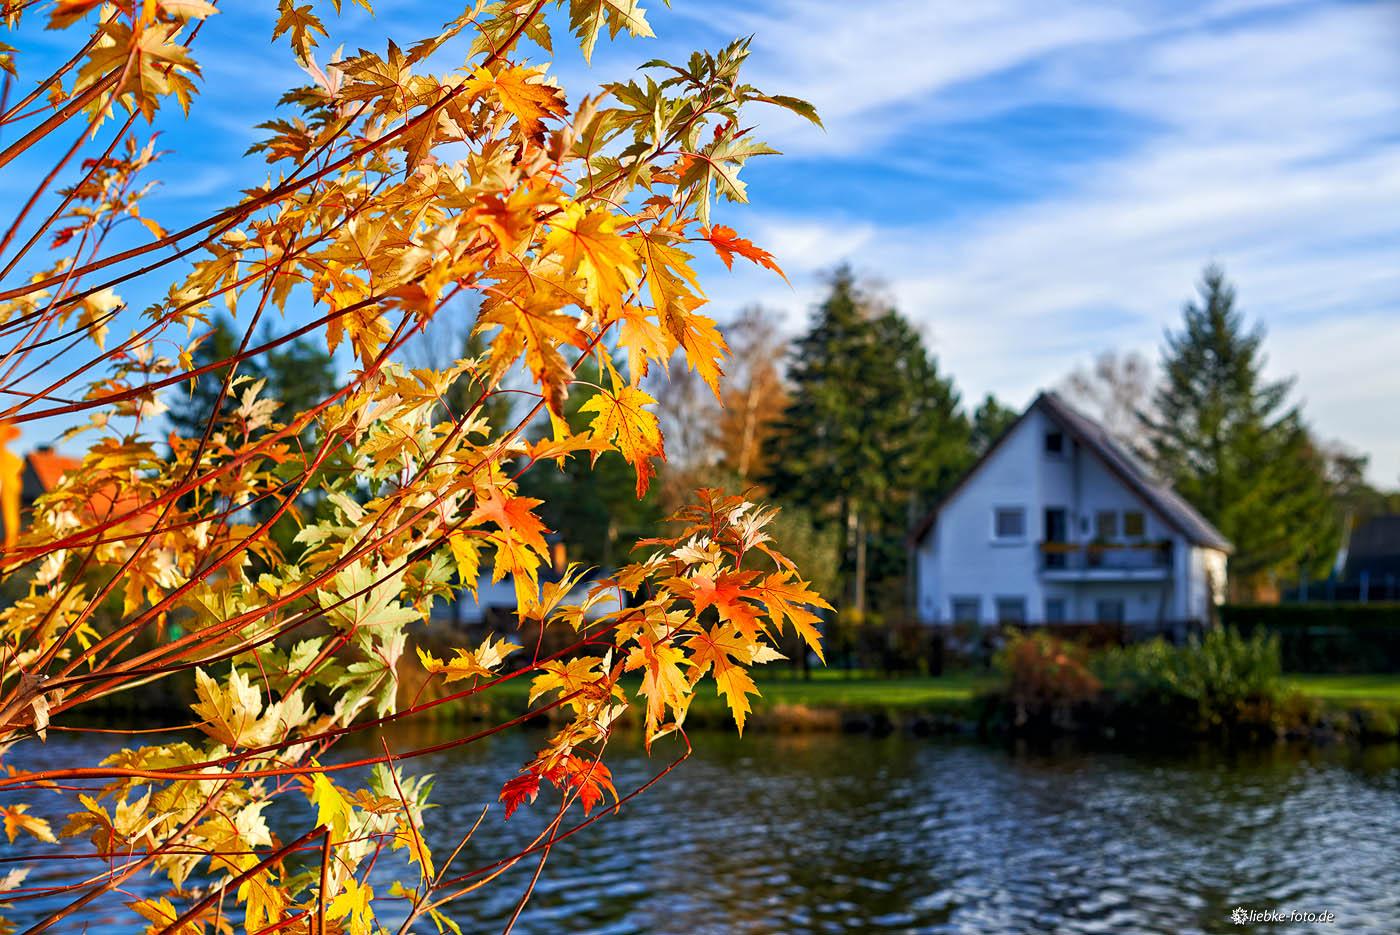 Herbst am Oder-Havel-Kanal Oranienburg